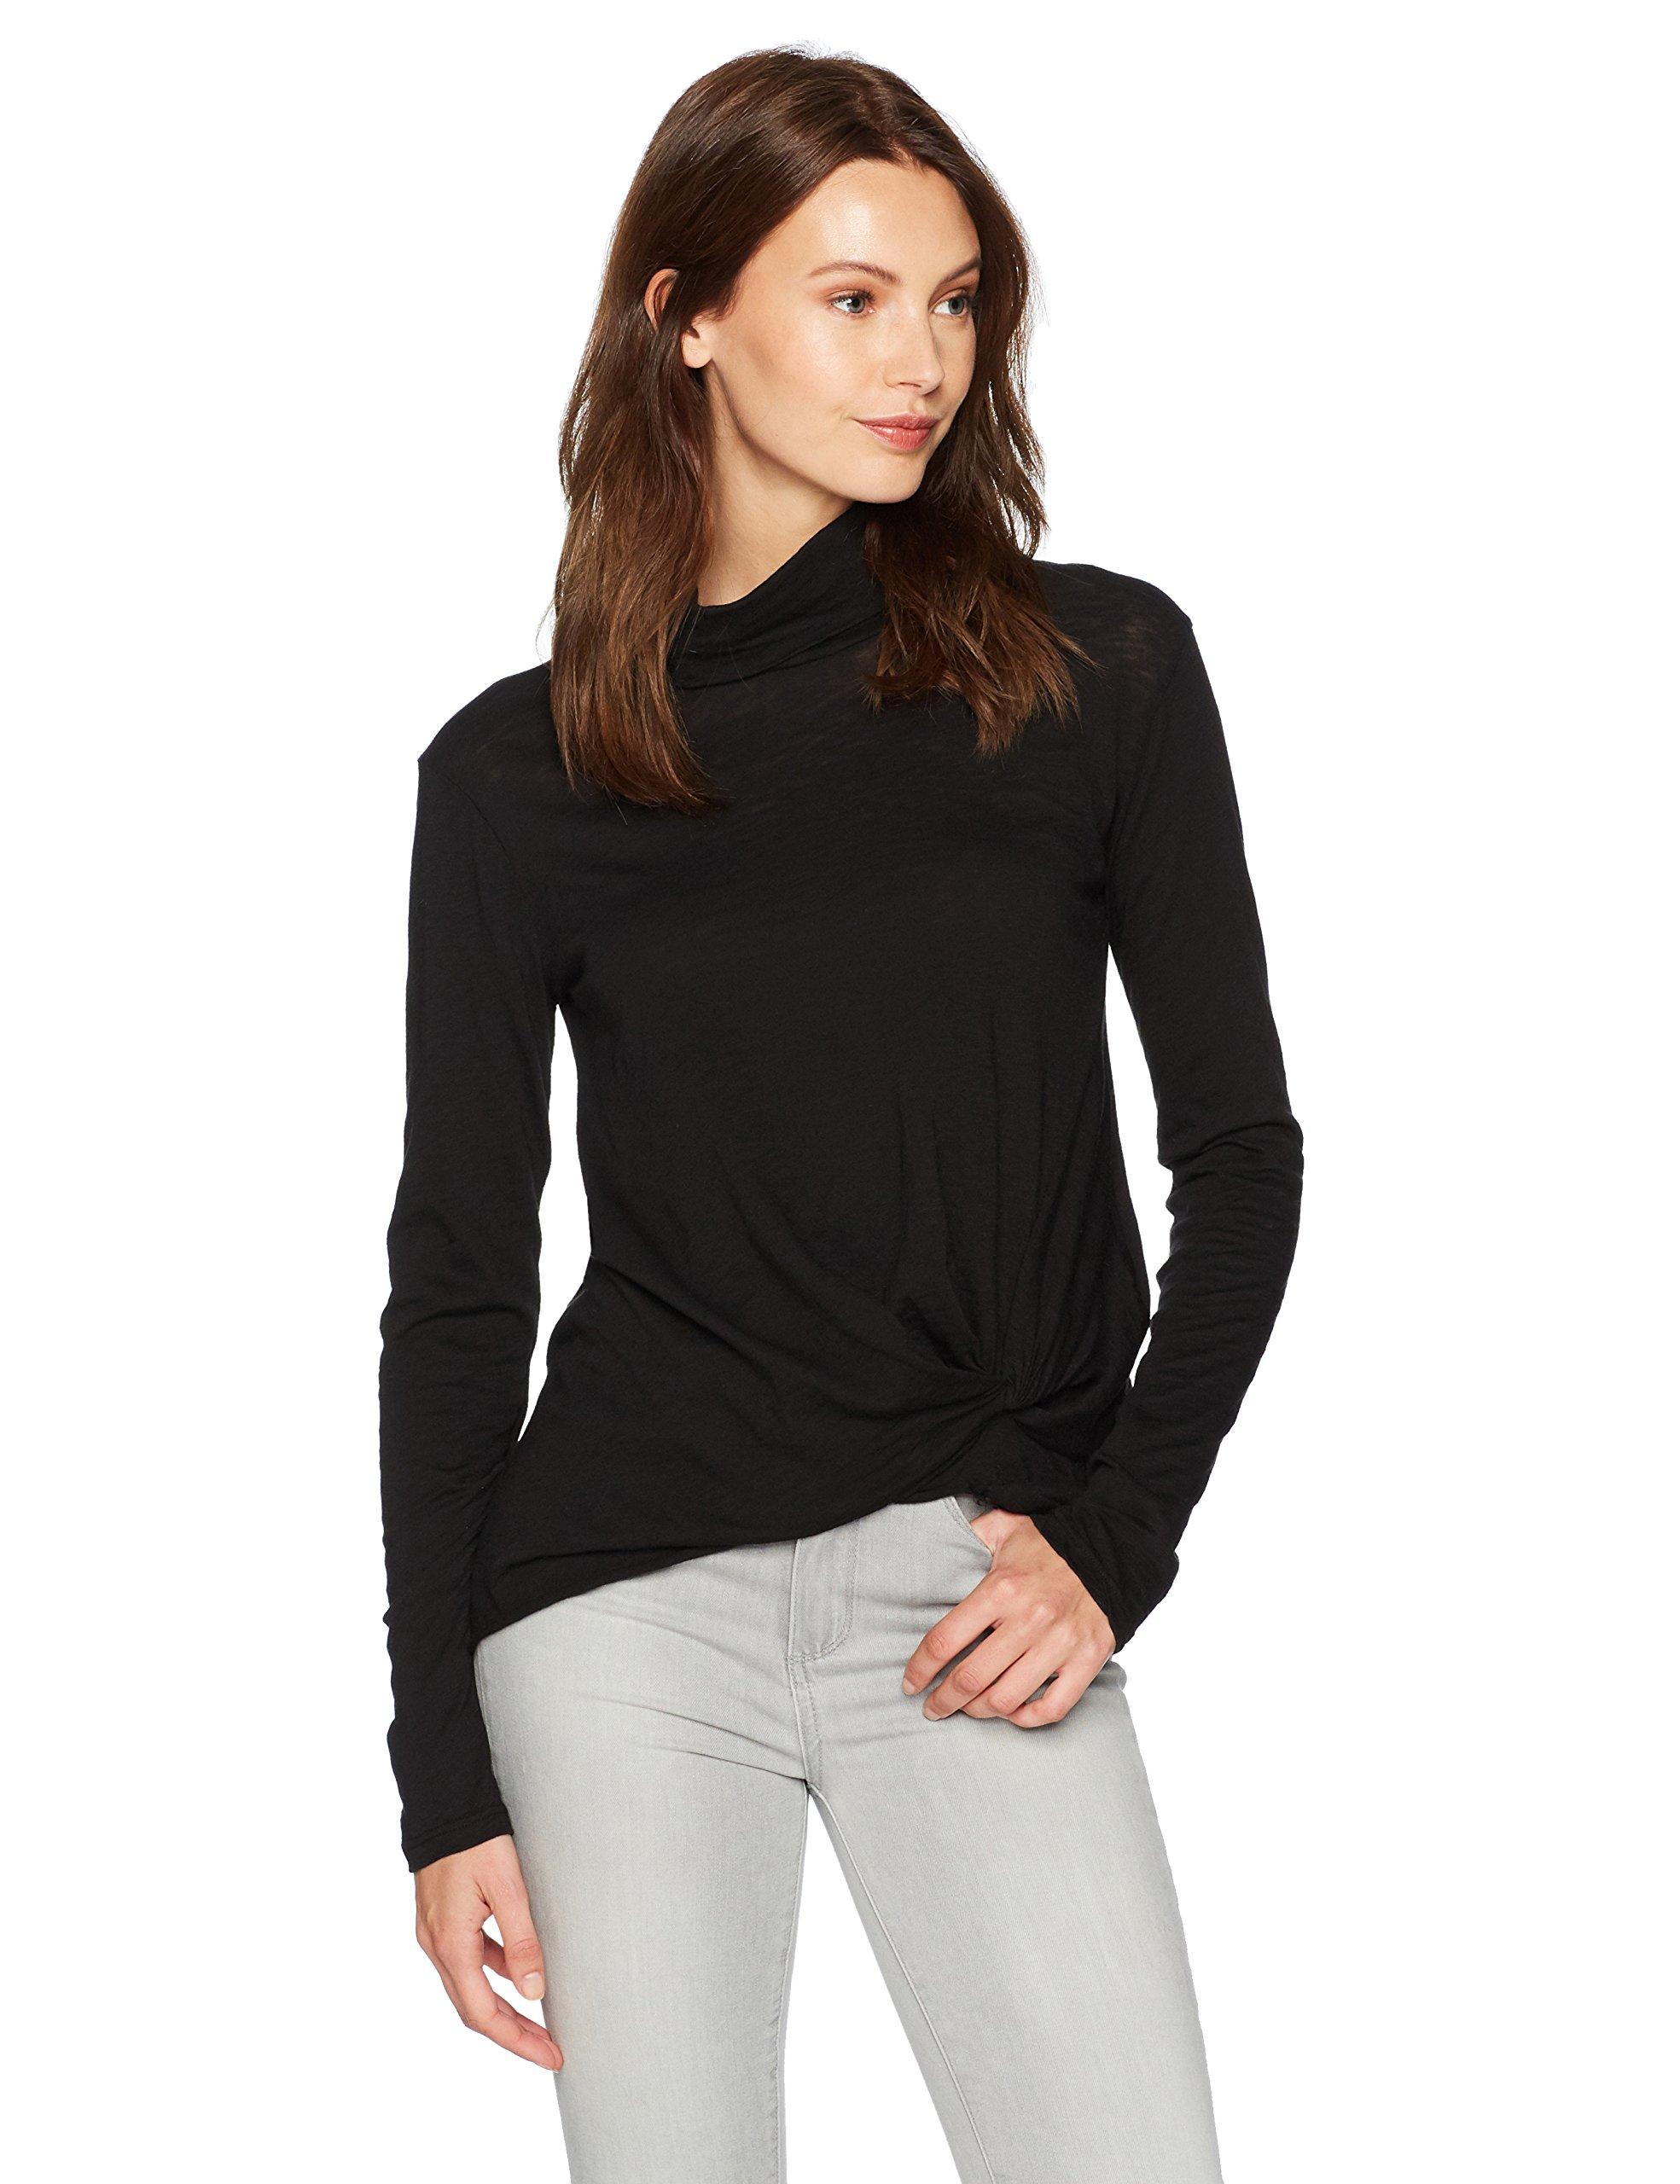 Stateside Women's Slub Jersey Long Sleeve Funnel Neck Top, Black, Large